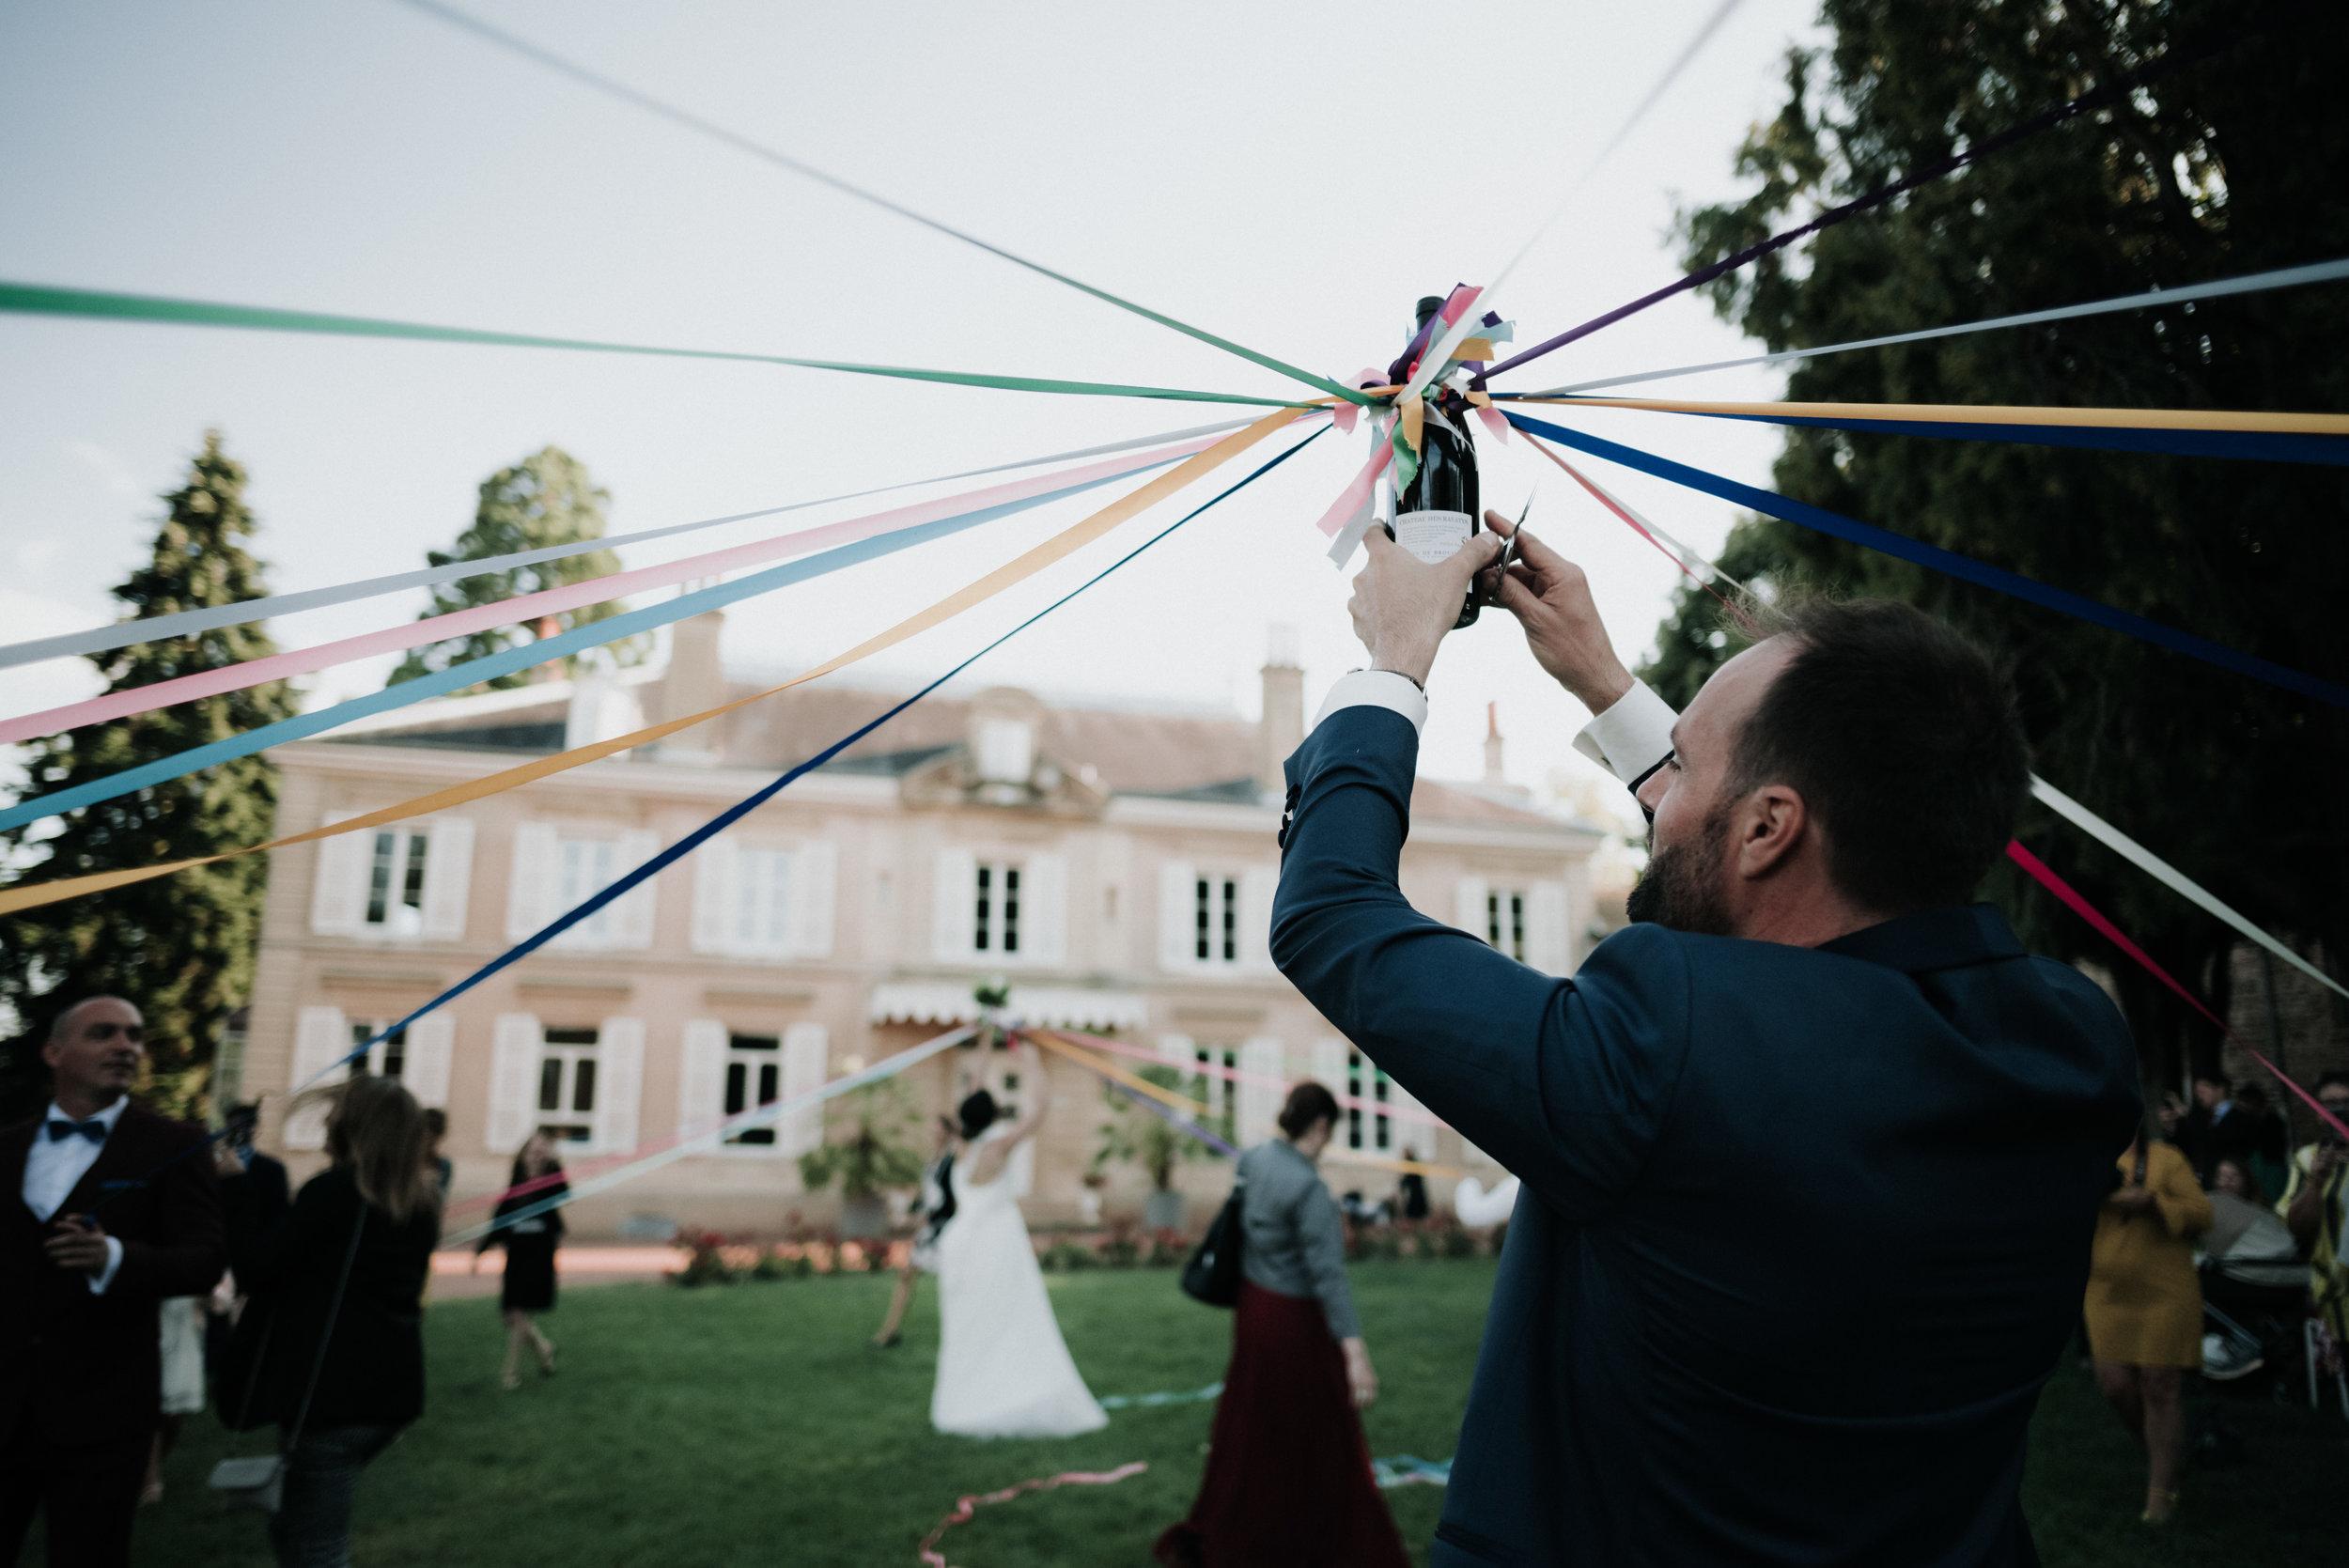 Léa-Fery-photographe-professionnel-lyon-rhone-alpes-portrait-creation-mariage-evenement-evenementiel-famille--67.jpg